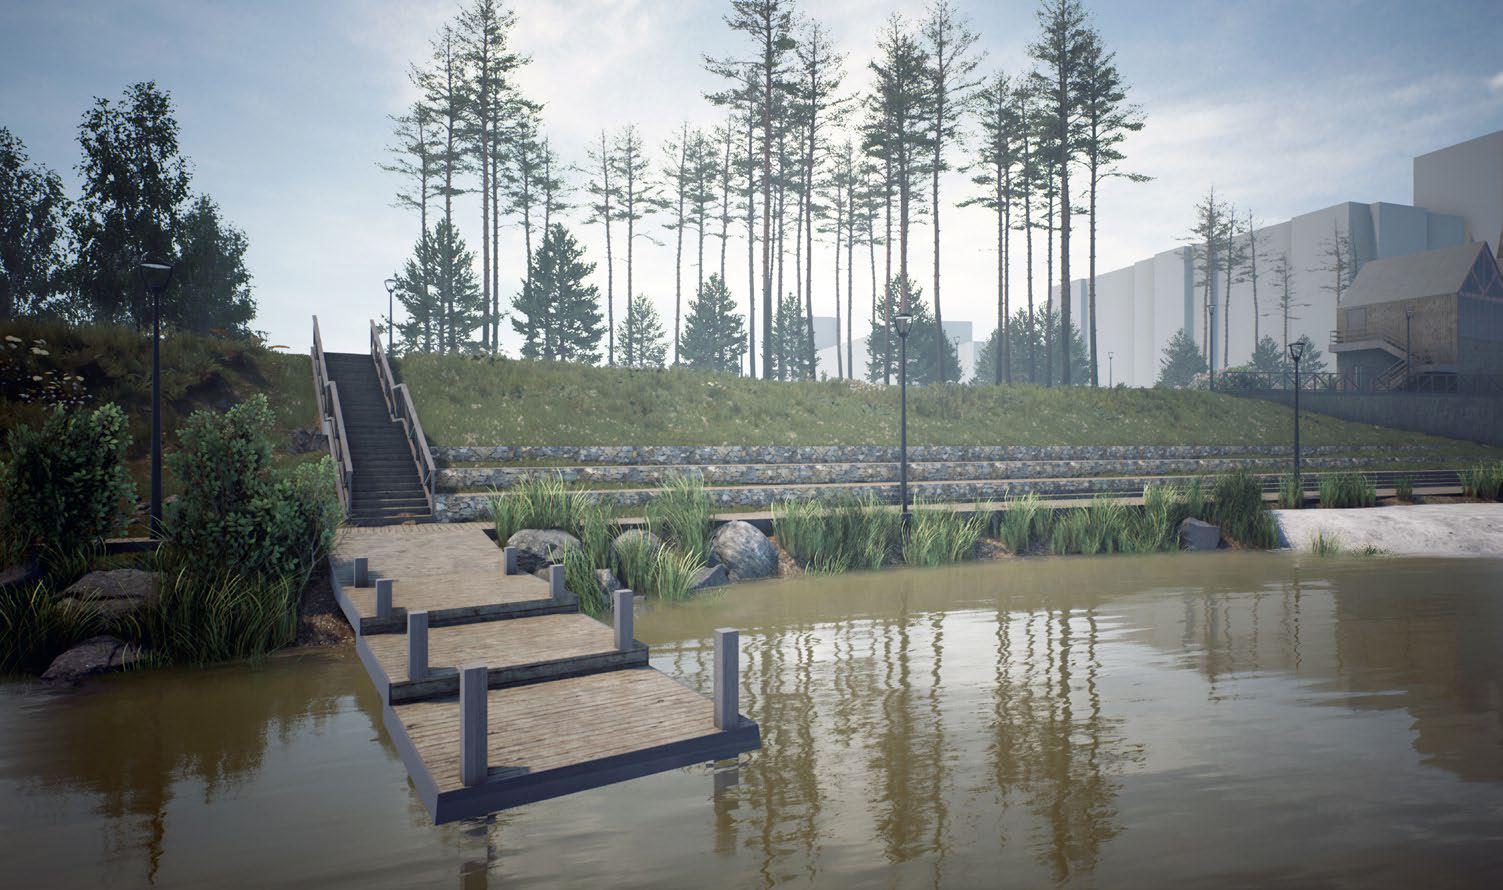 Мостки и смотровые площадки расположены вдоль всего берега, потому что главное здесь — всё-таки вода